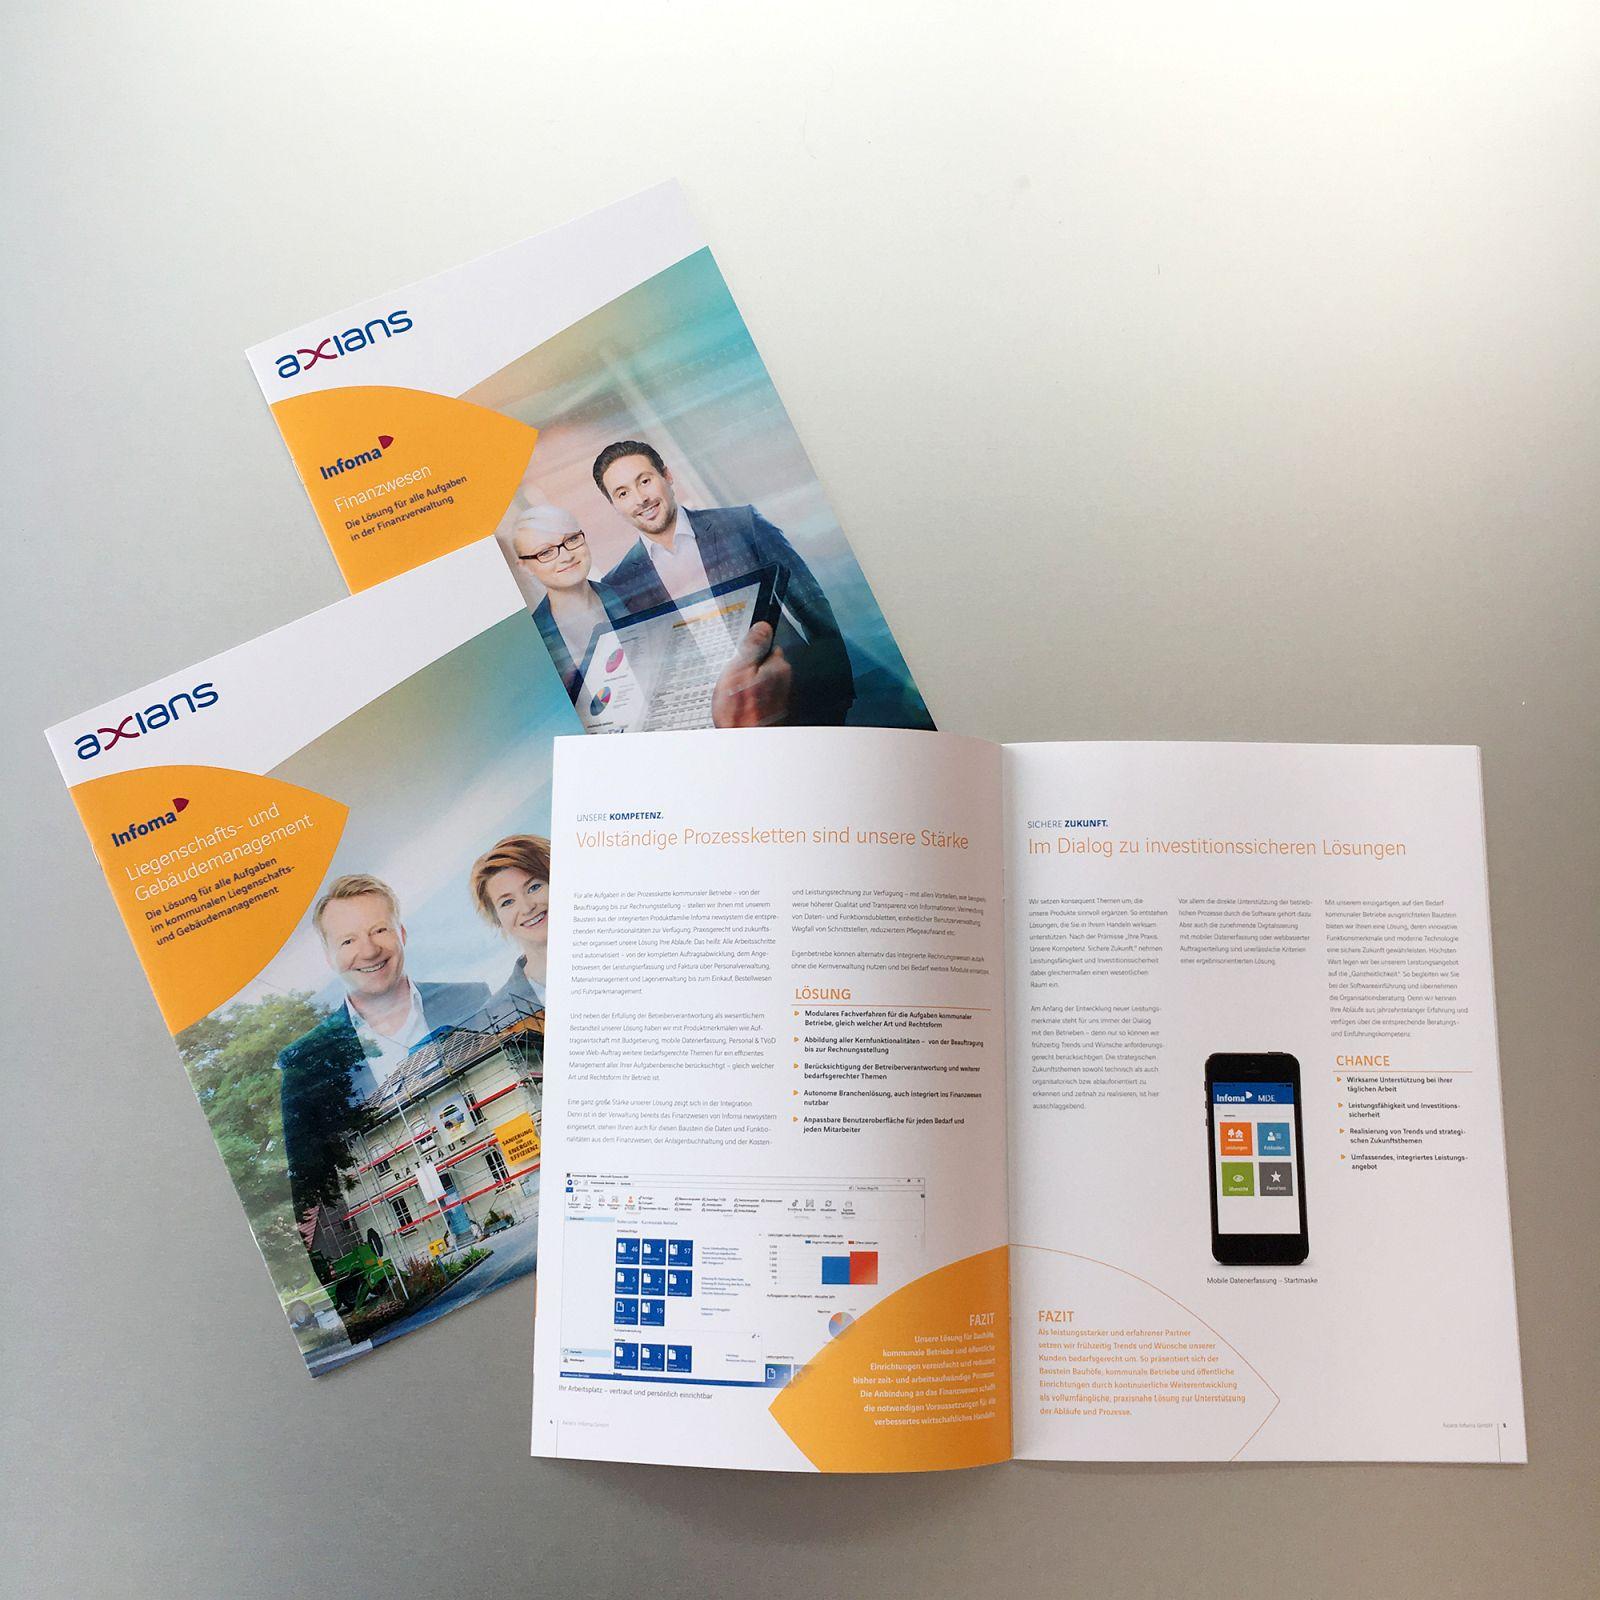 Software-Unternehmen in neuem Gewand - Aus INFOMA wird Axians Infoma GMBH Beispielbild klein